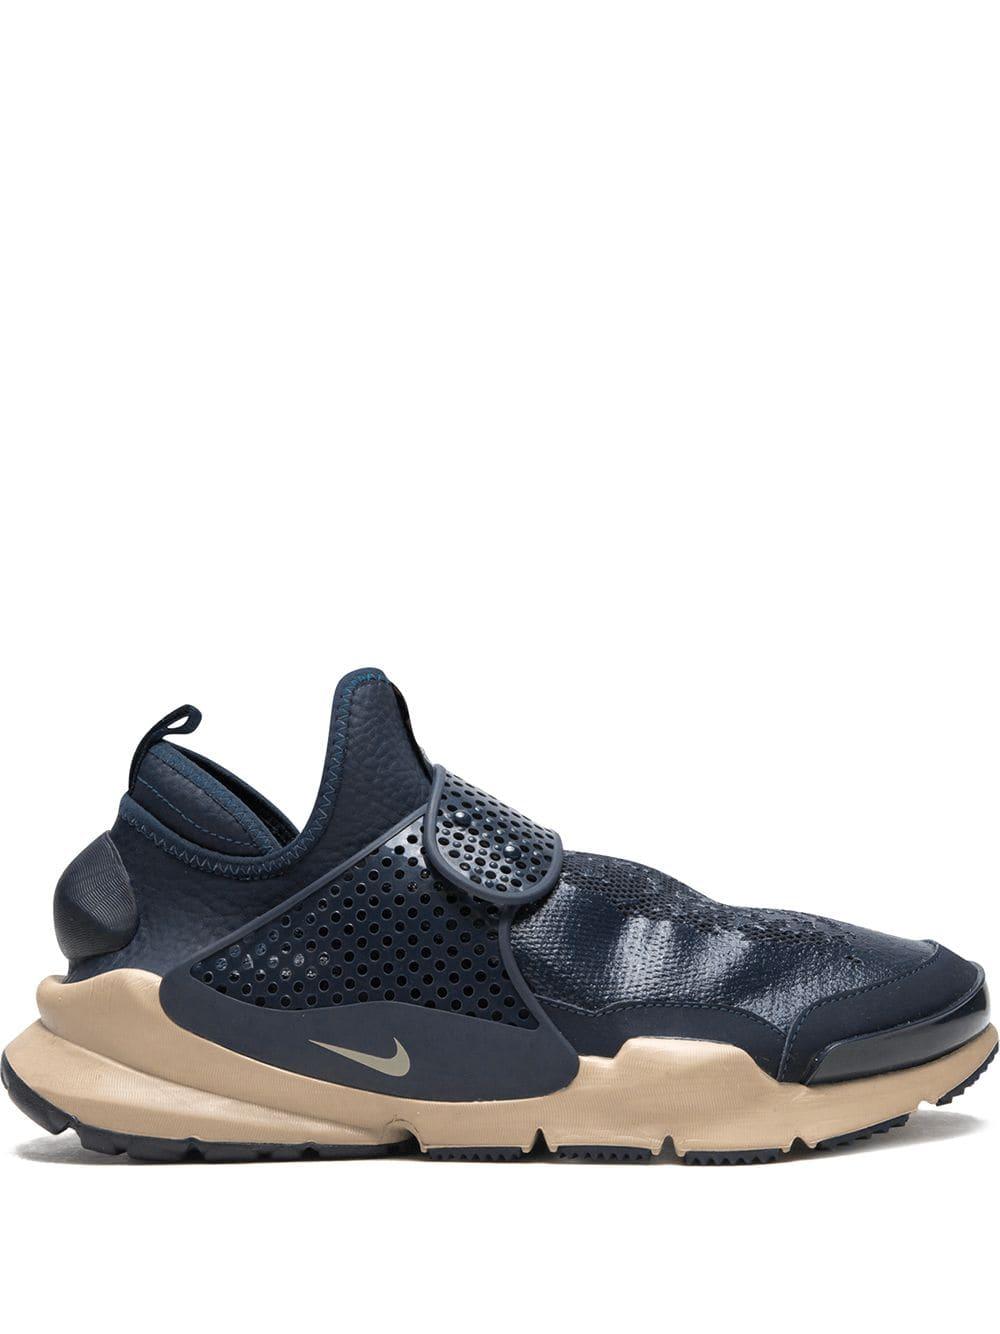 Nike Dart Mid Si Sock Sneakers Blau In Blue Modesens Nike Sock Dart Sock Dart Sneakers Blue